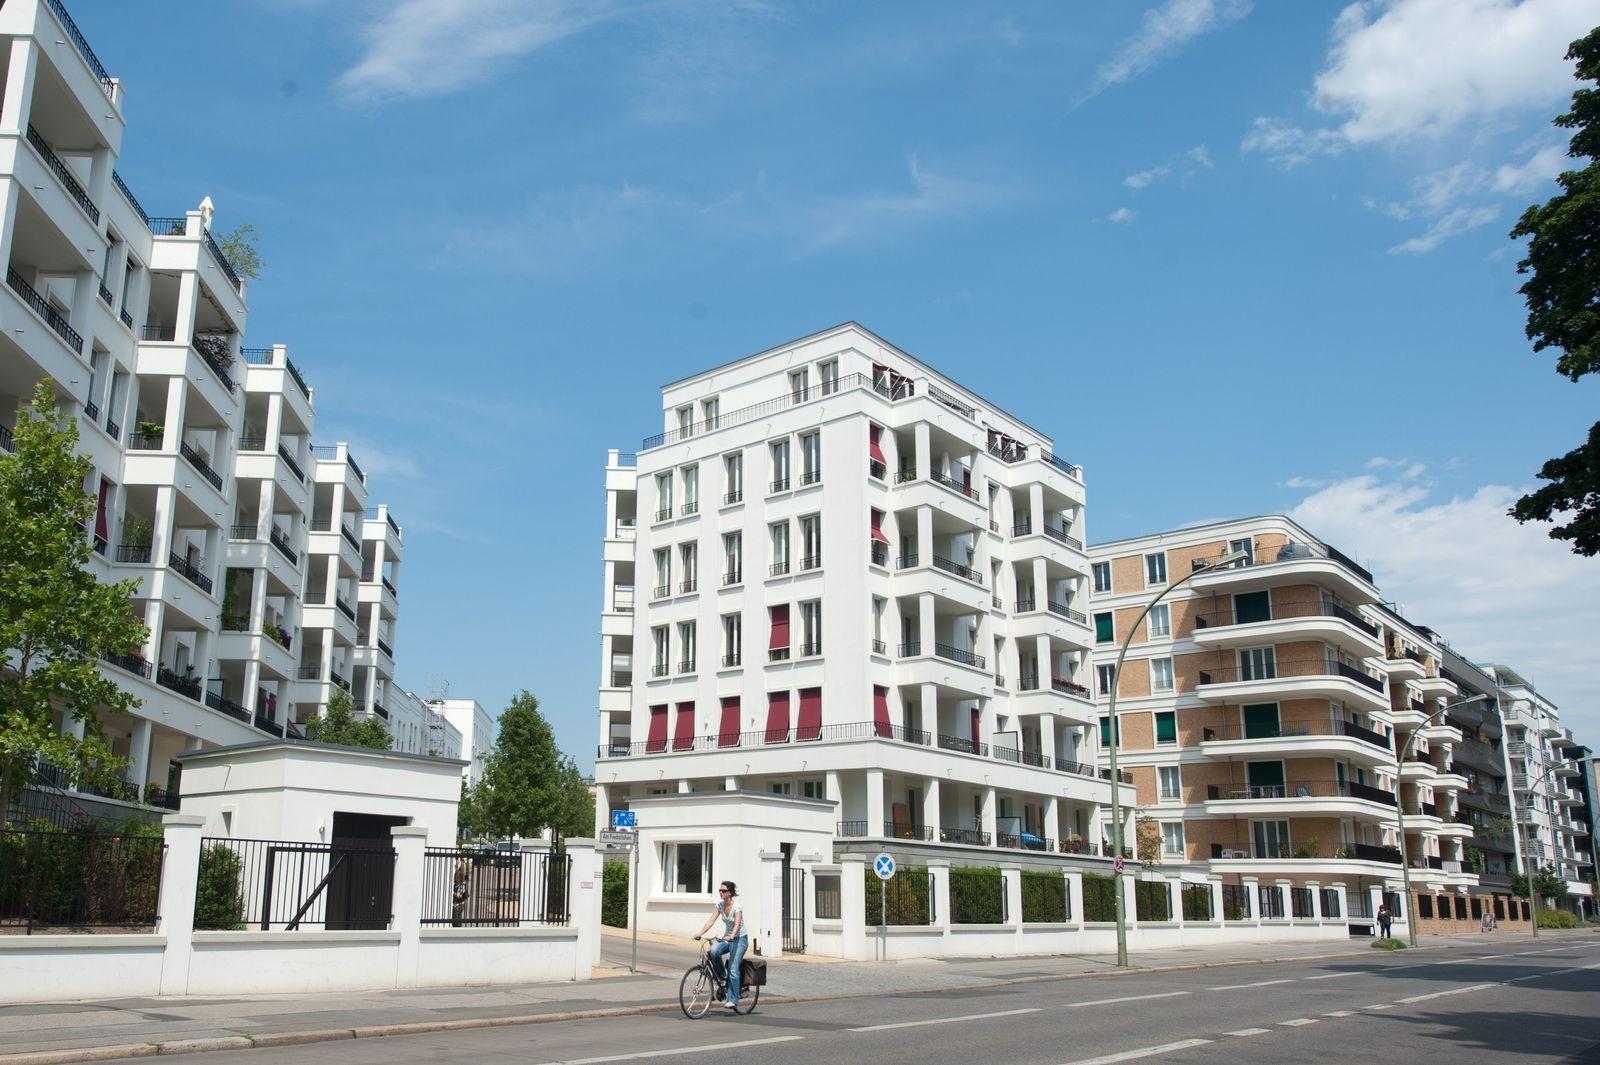 Berlin / Friedrichshain/ Immobilienmarkt